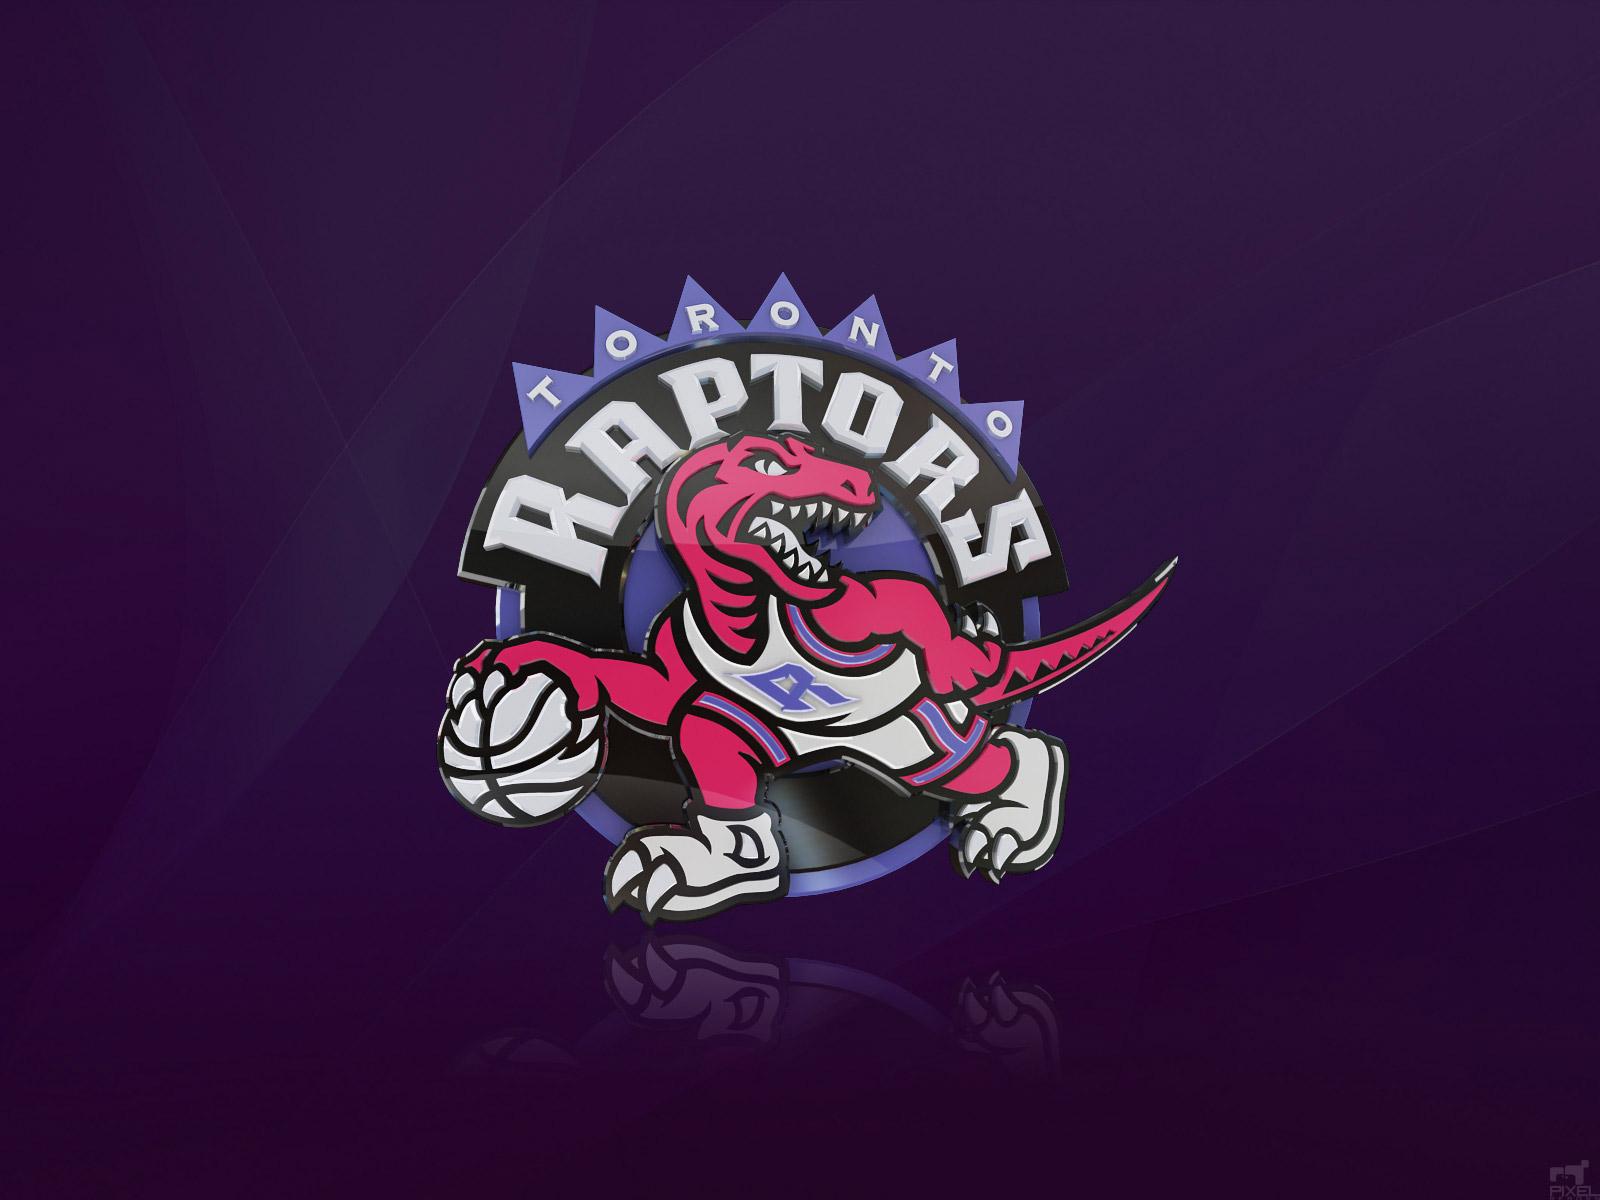 Toronto Raptors 3D Logo Wallpaper 1600x1200